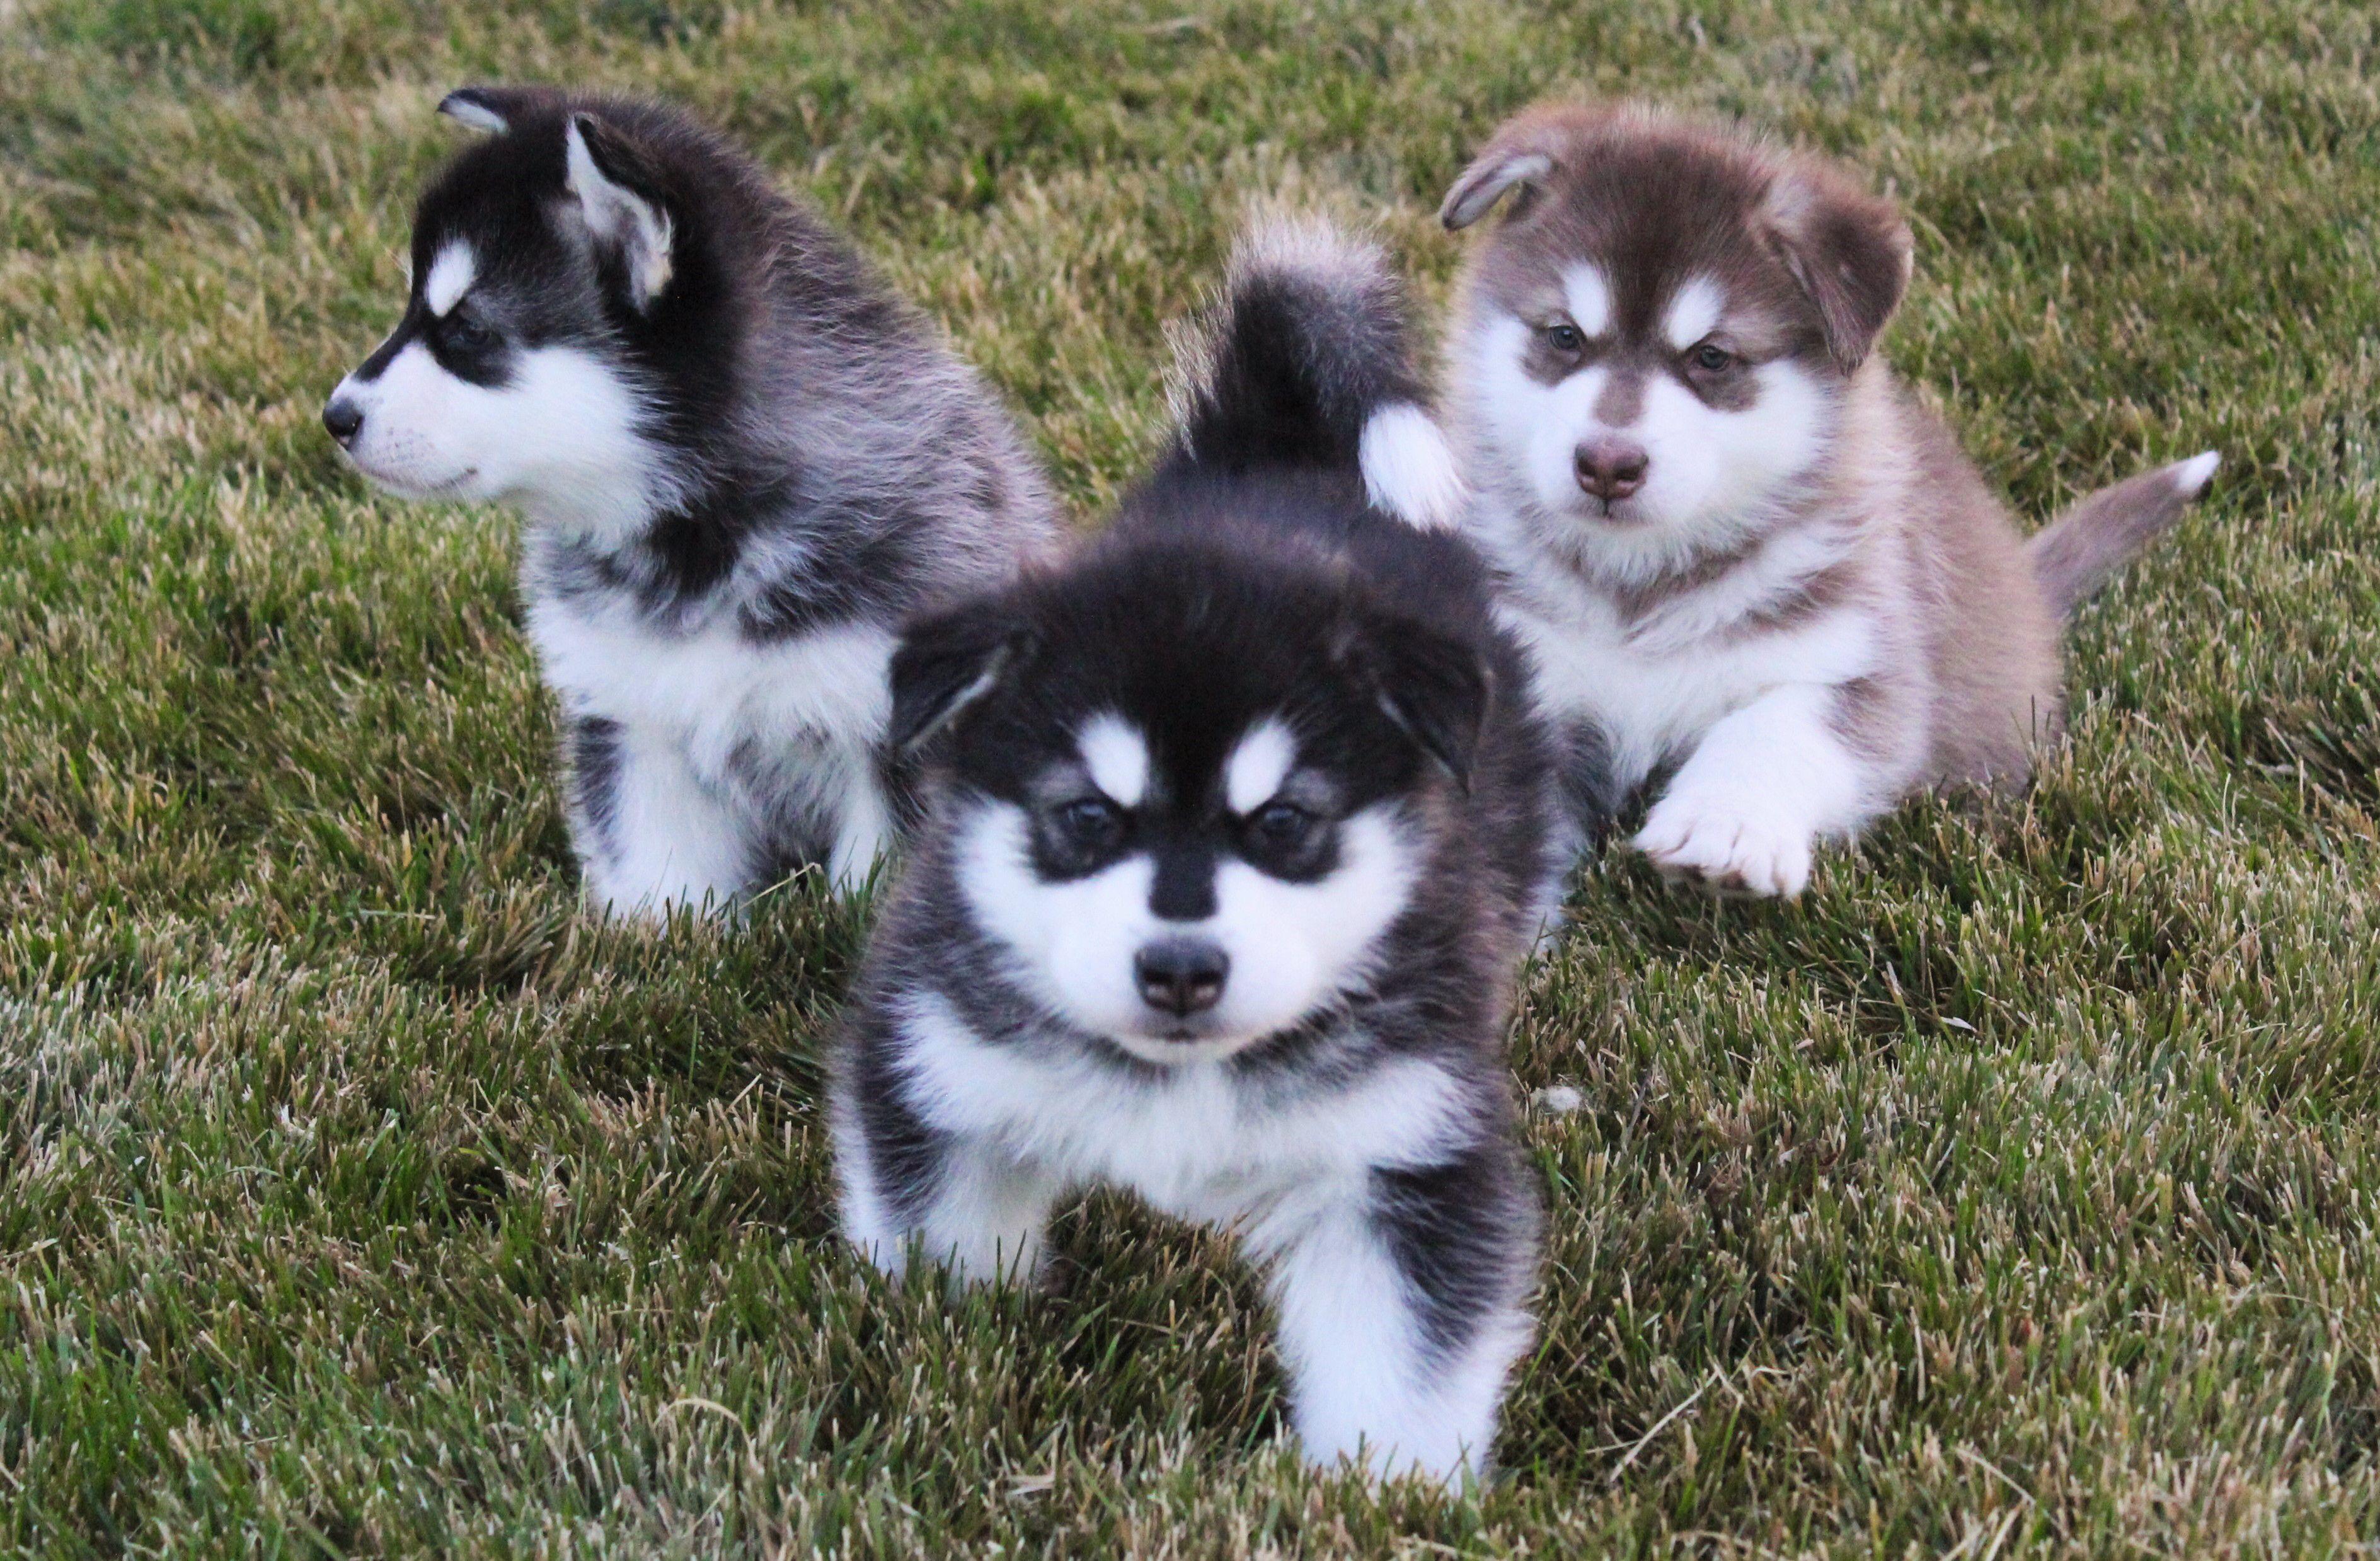 Three Malamute Puppies Alaskan Malamute Malamute Siberian Dog